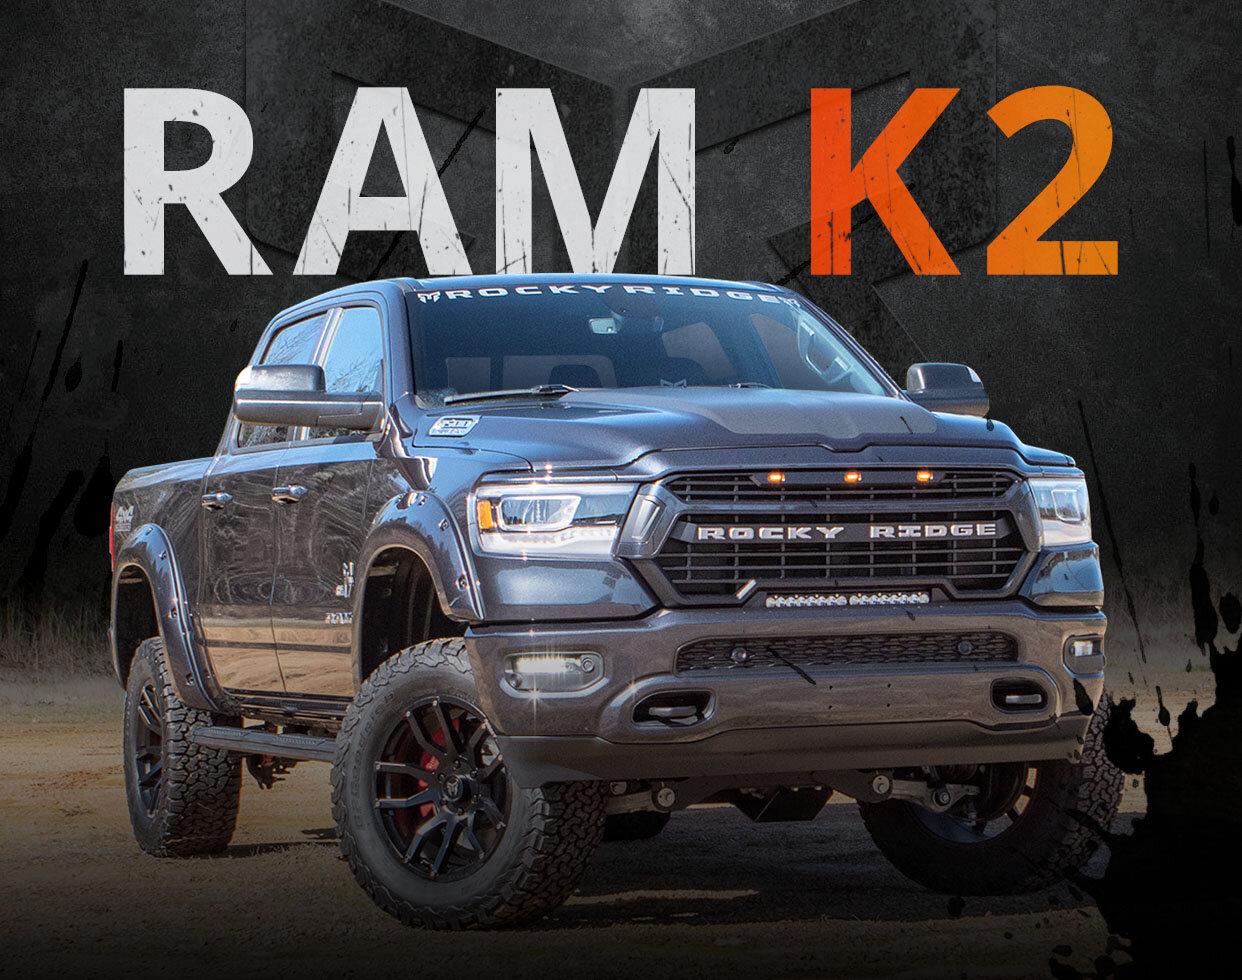 Lifted Ram Trucks Custom 4x4 Ram Trucks Rocky Ridge Trucks